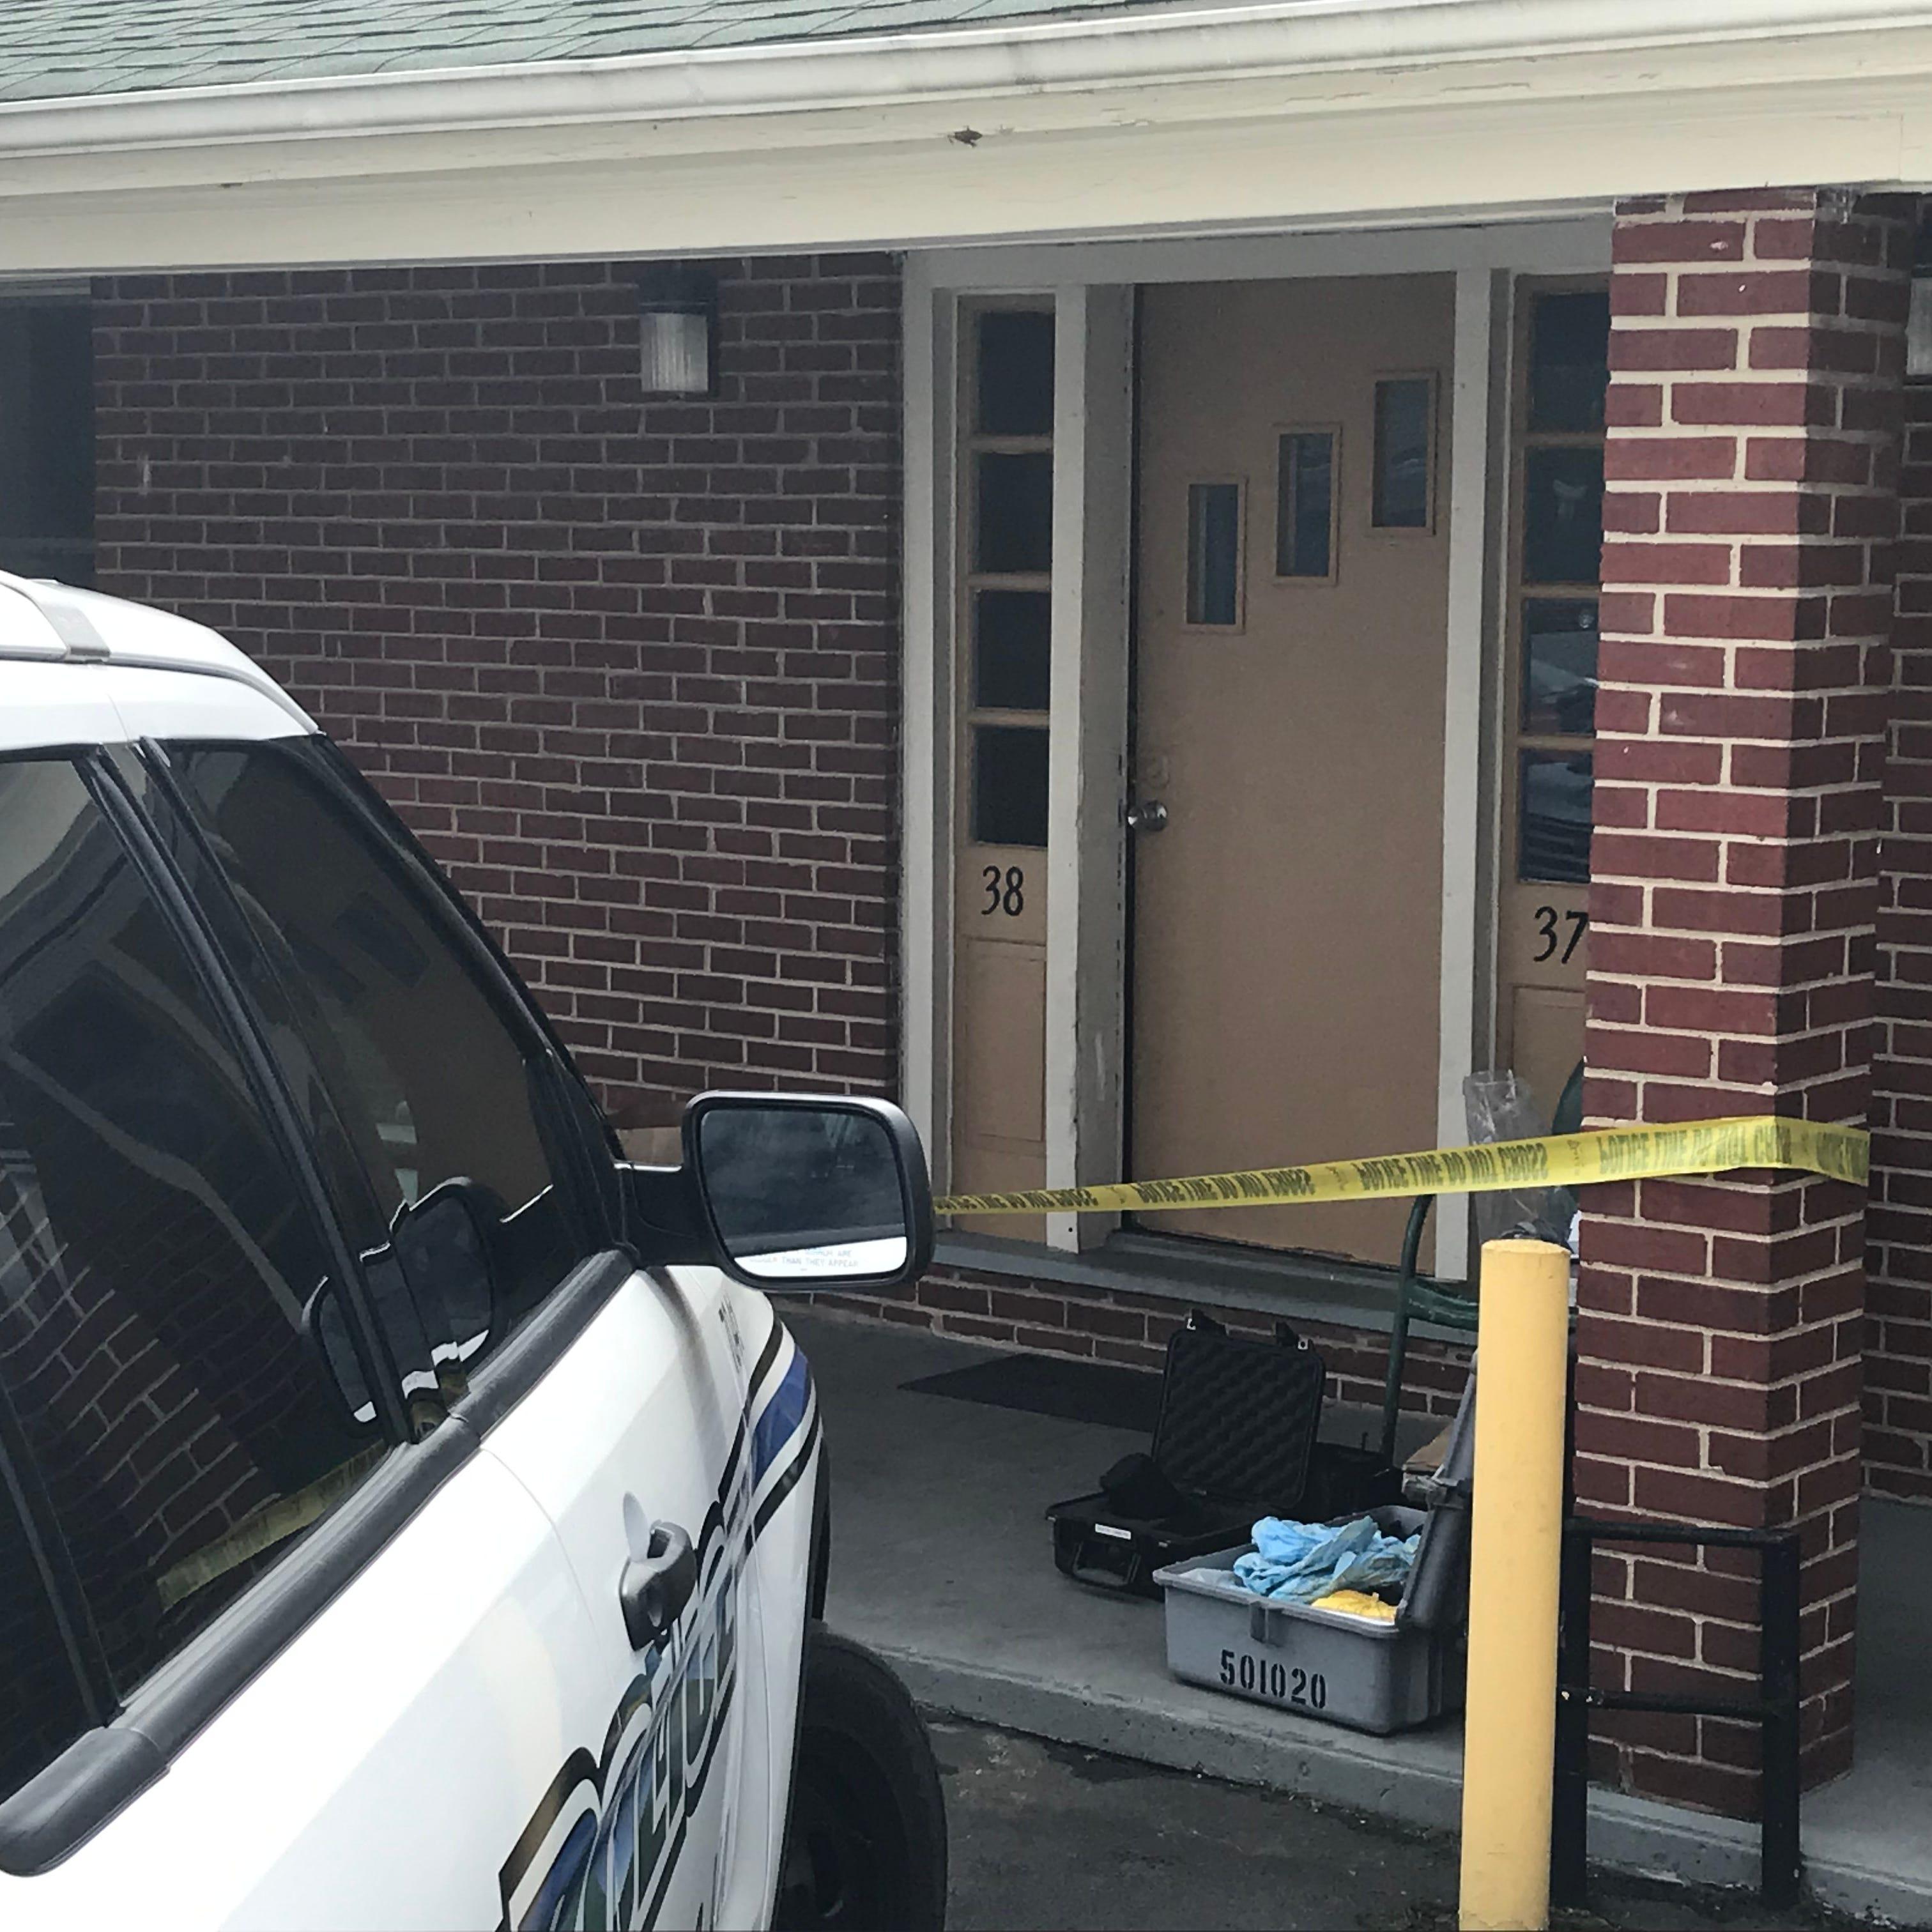 Police continue to investigate Waynesboro homicide